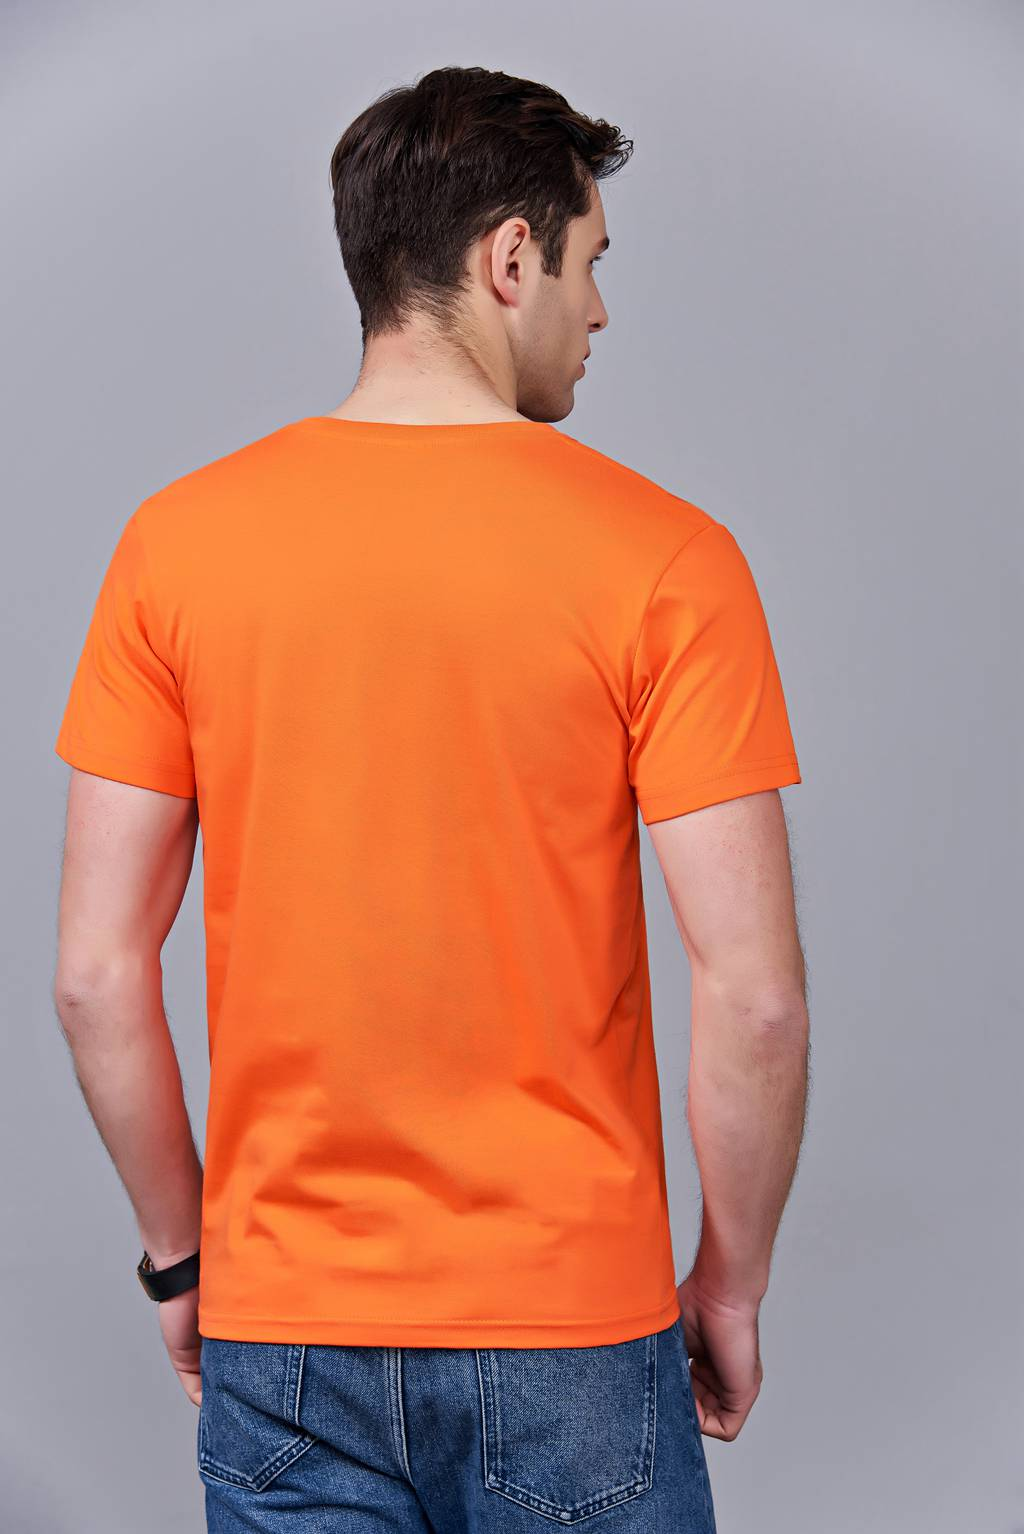 洋气百搭亲子装 半袖显瘦 速干圆领文化衫 春夏新品 橘色